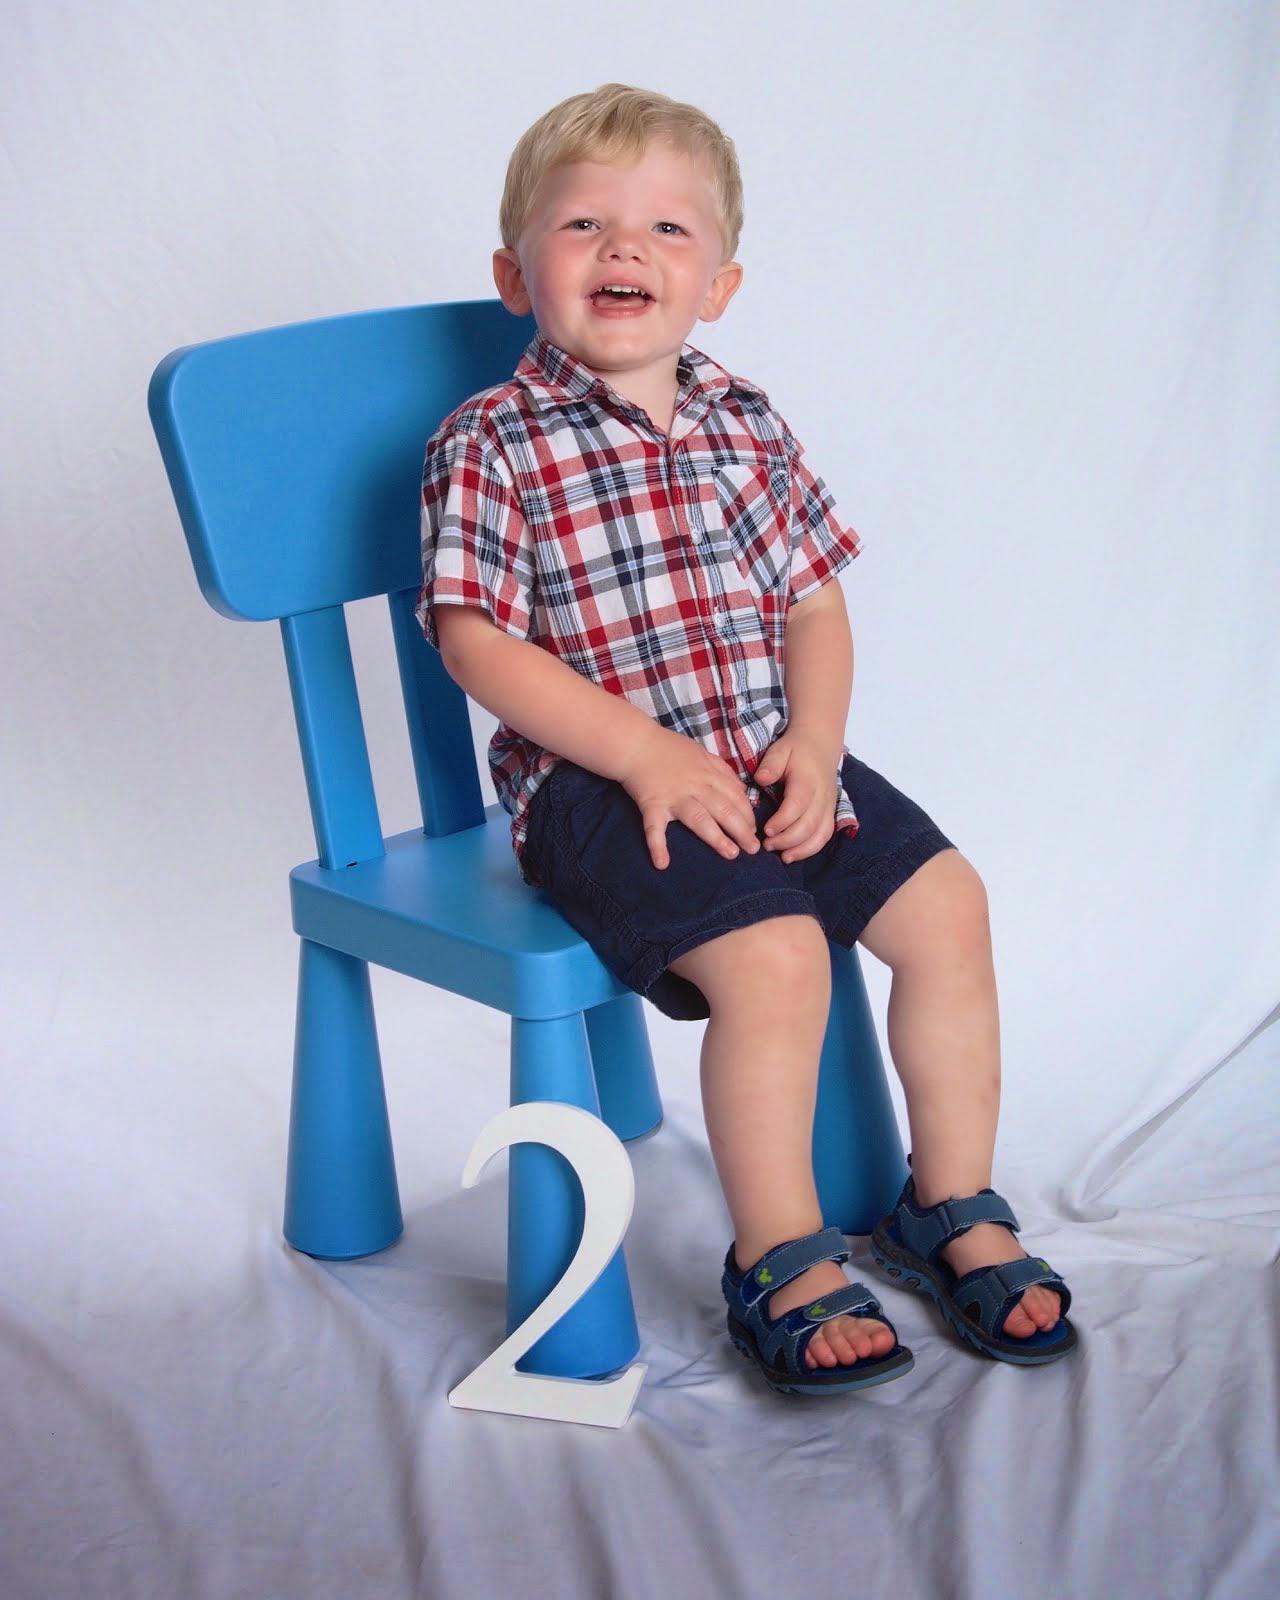 William age 2